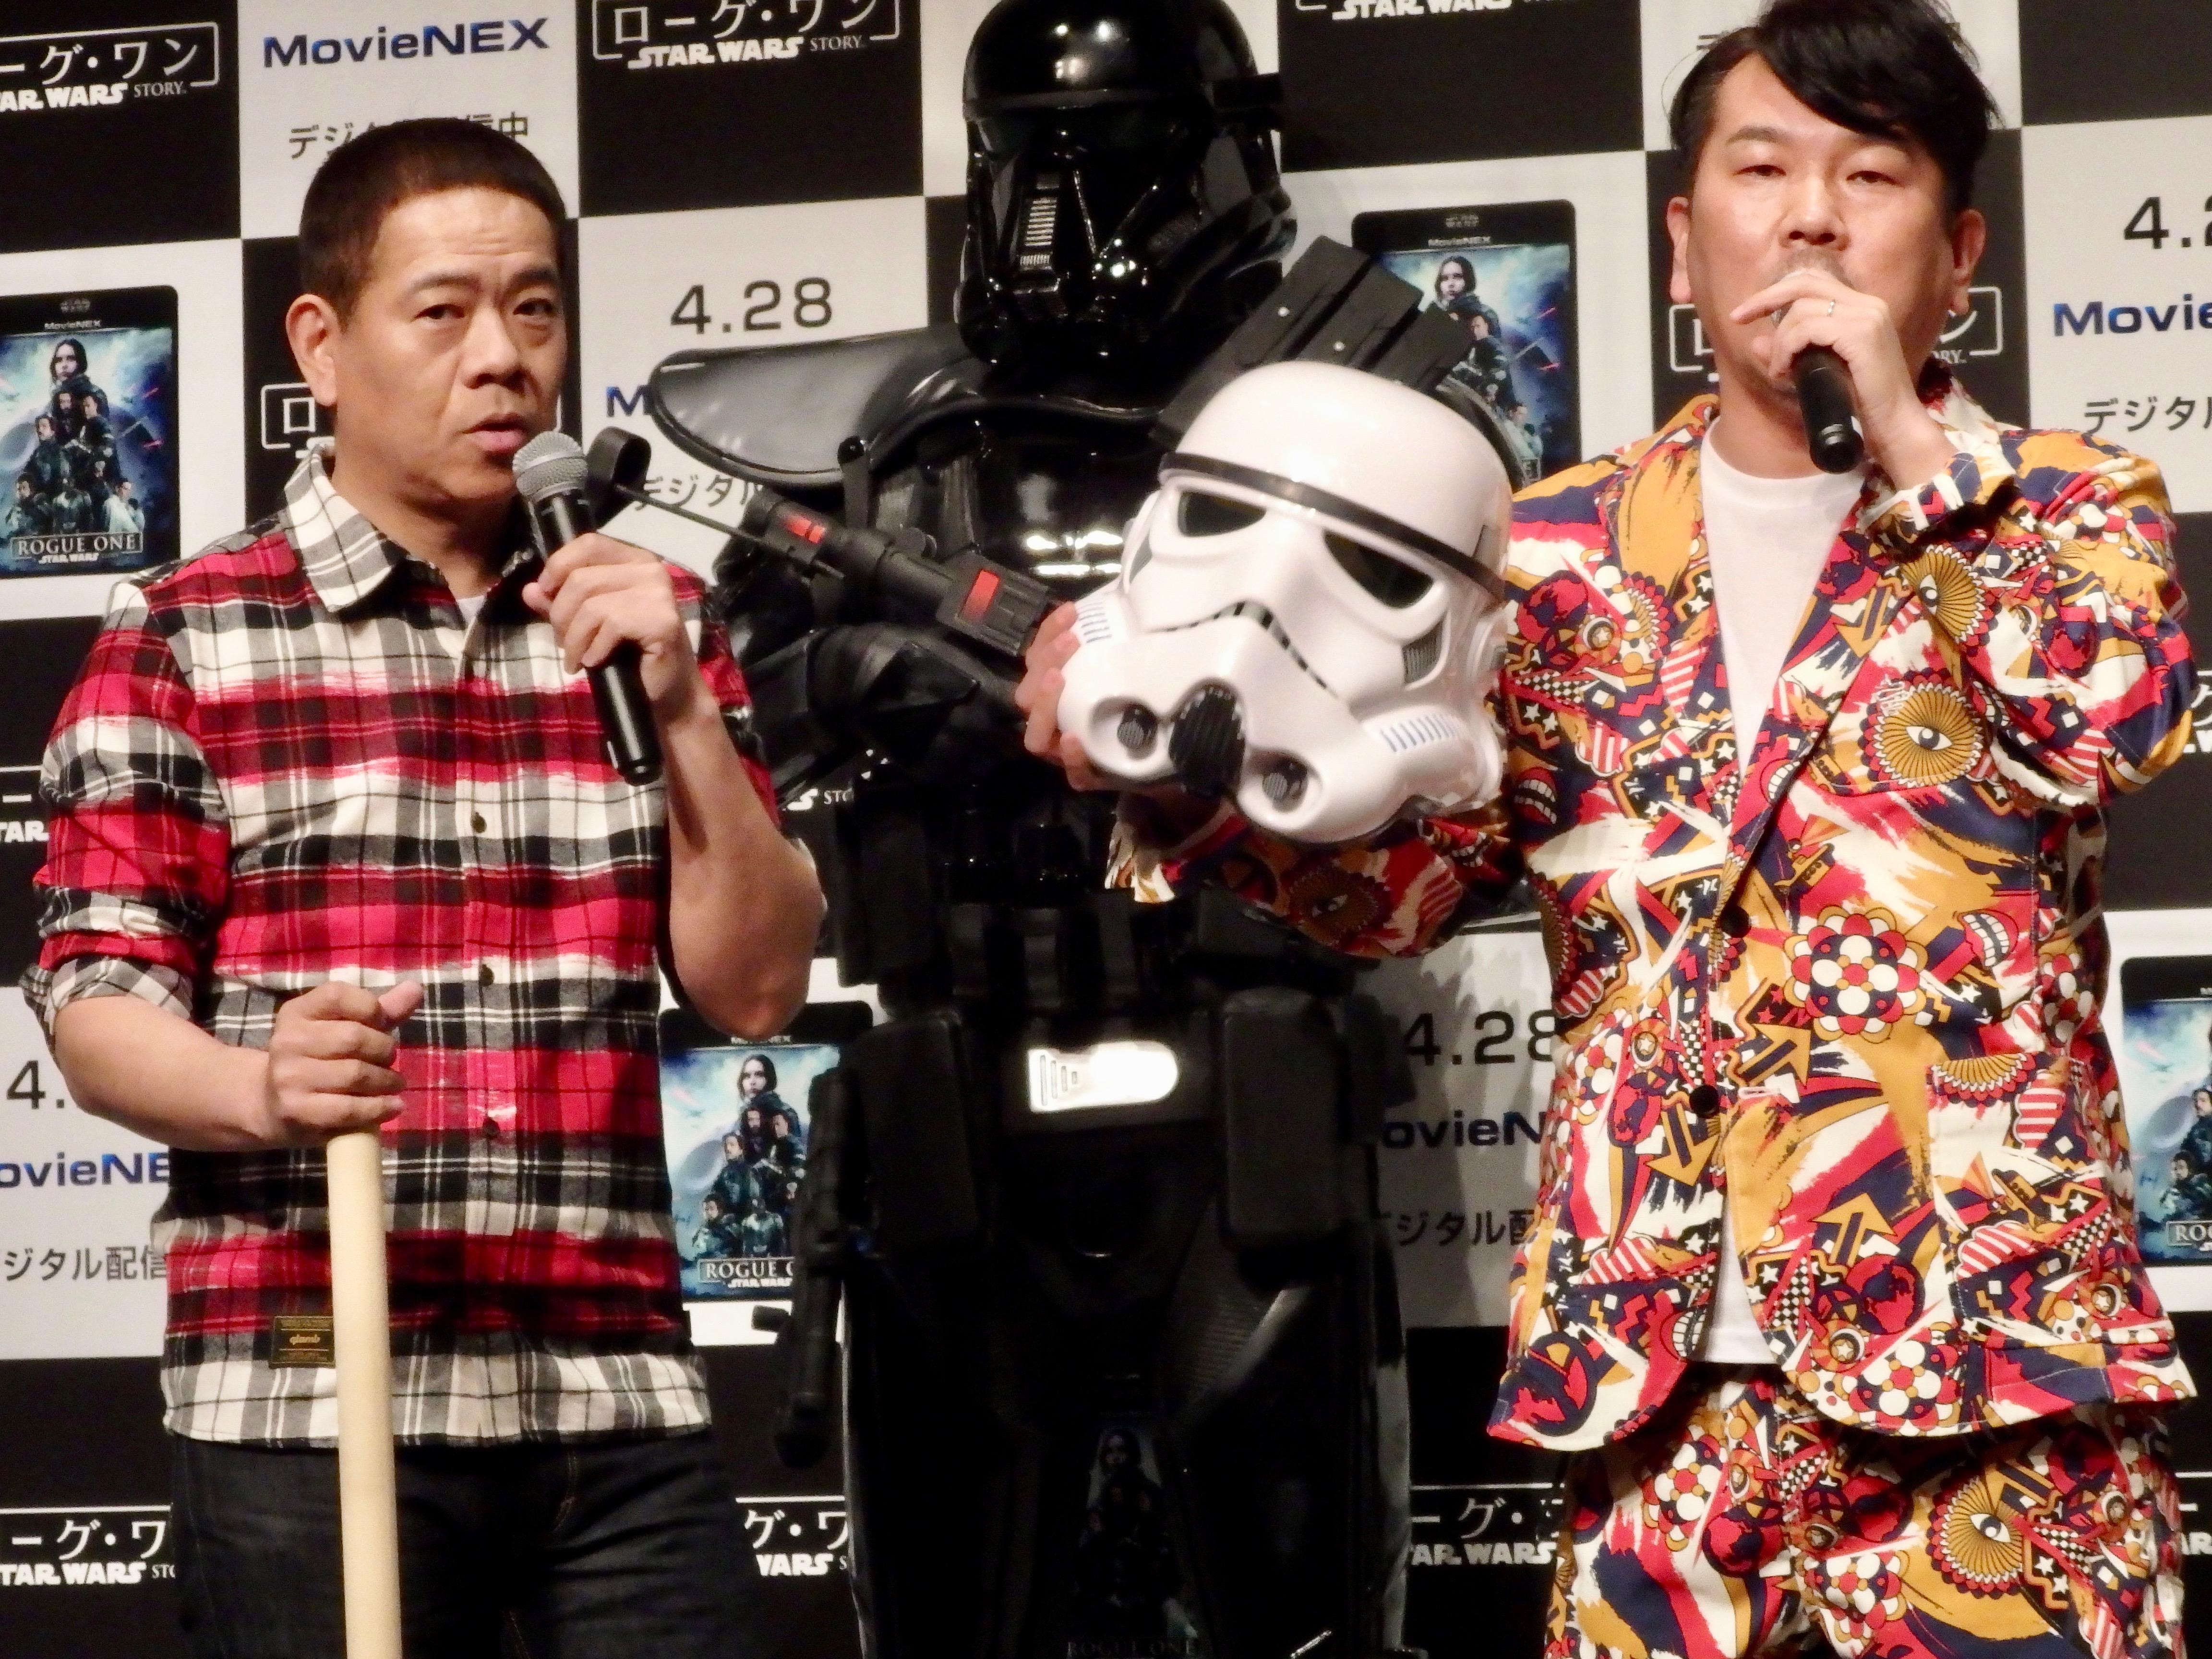 http://news.yoshimoto.co.jp/20170427235814-6ffedde5145fc74b0355ffe6b15d7b760d01d950.jpg